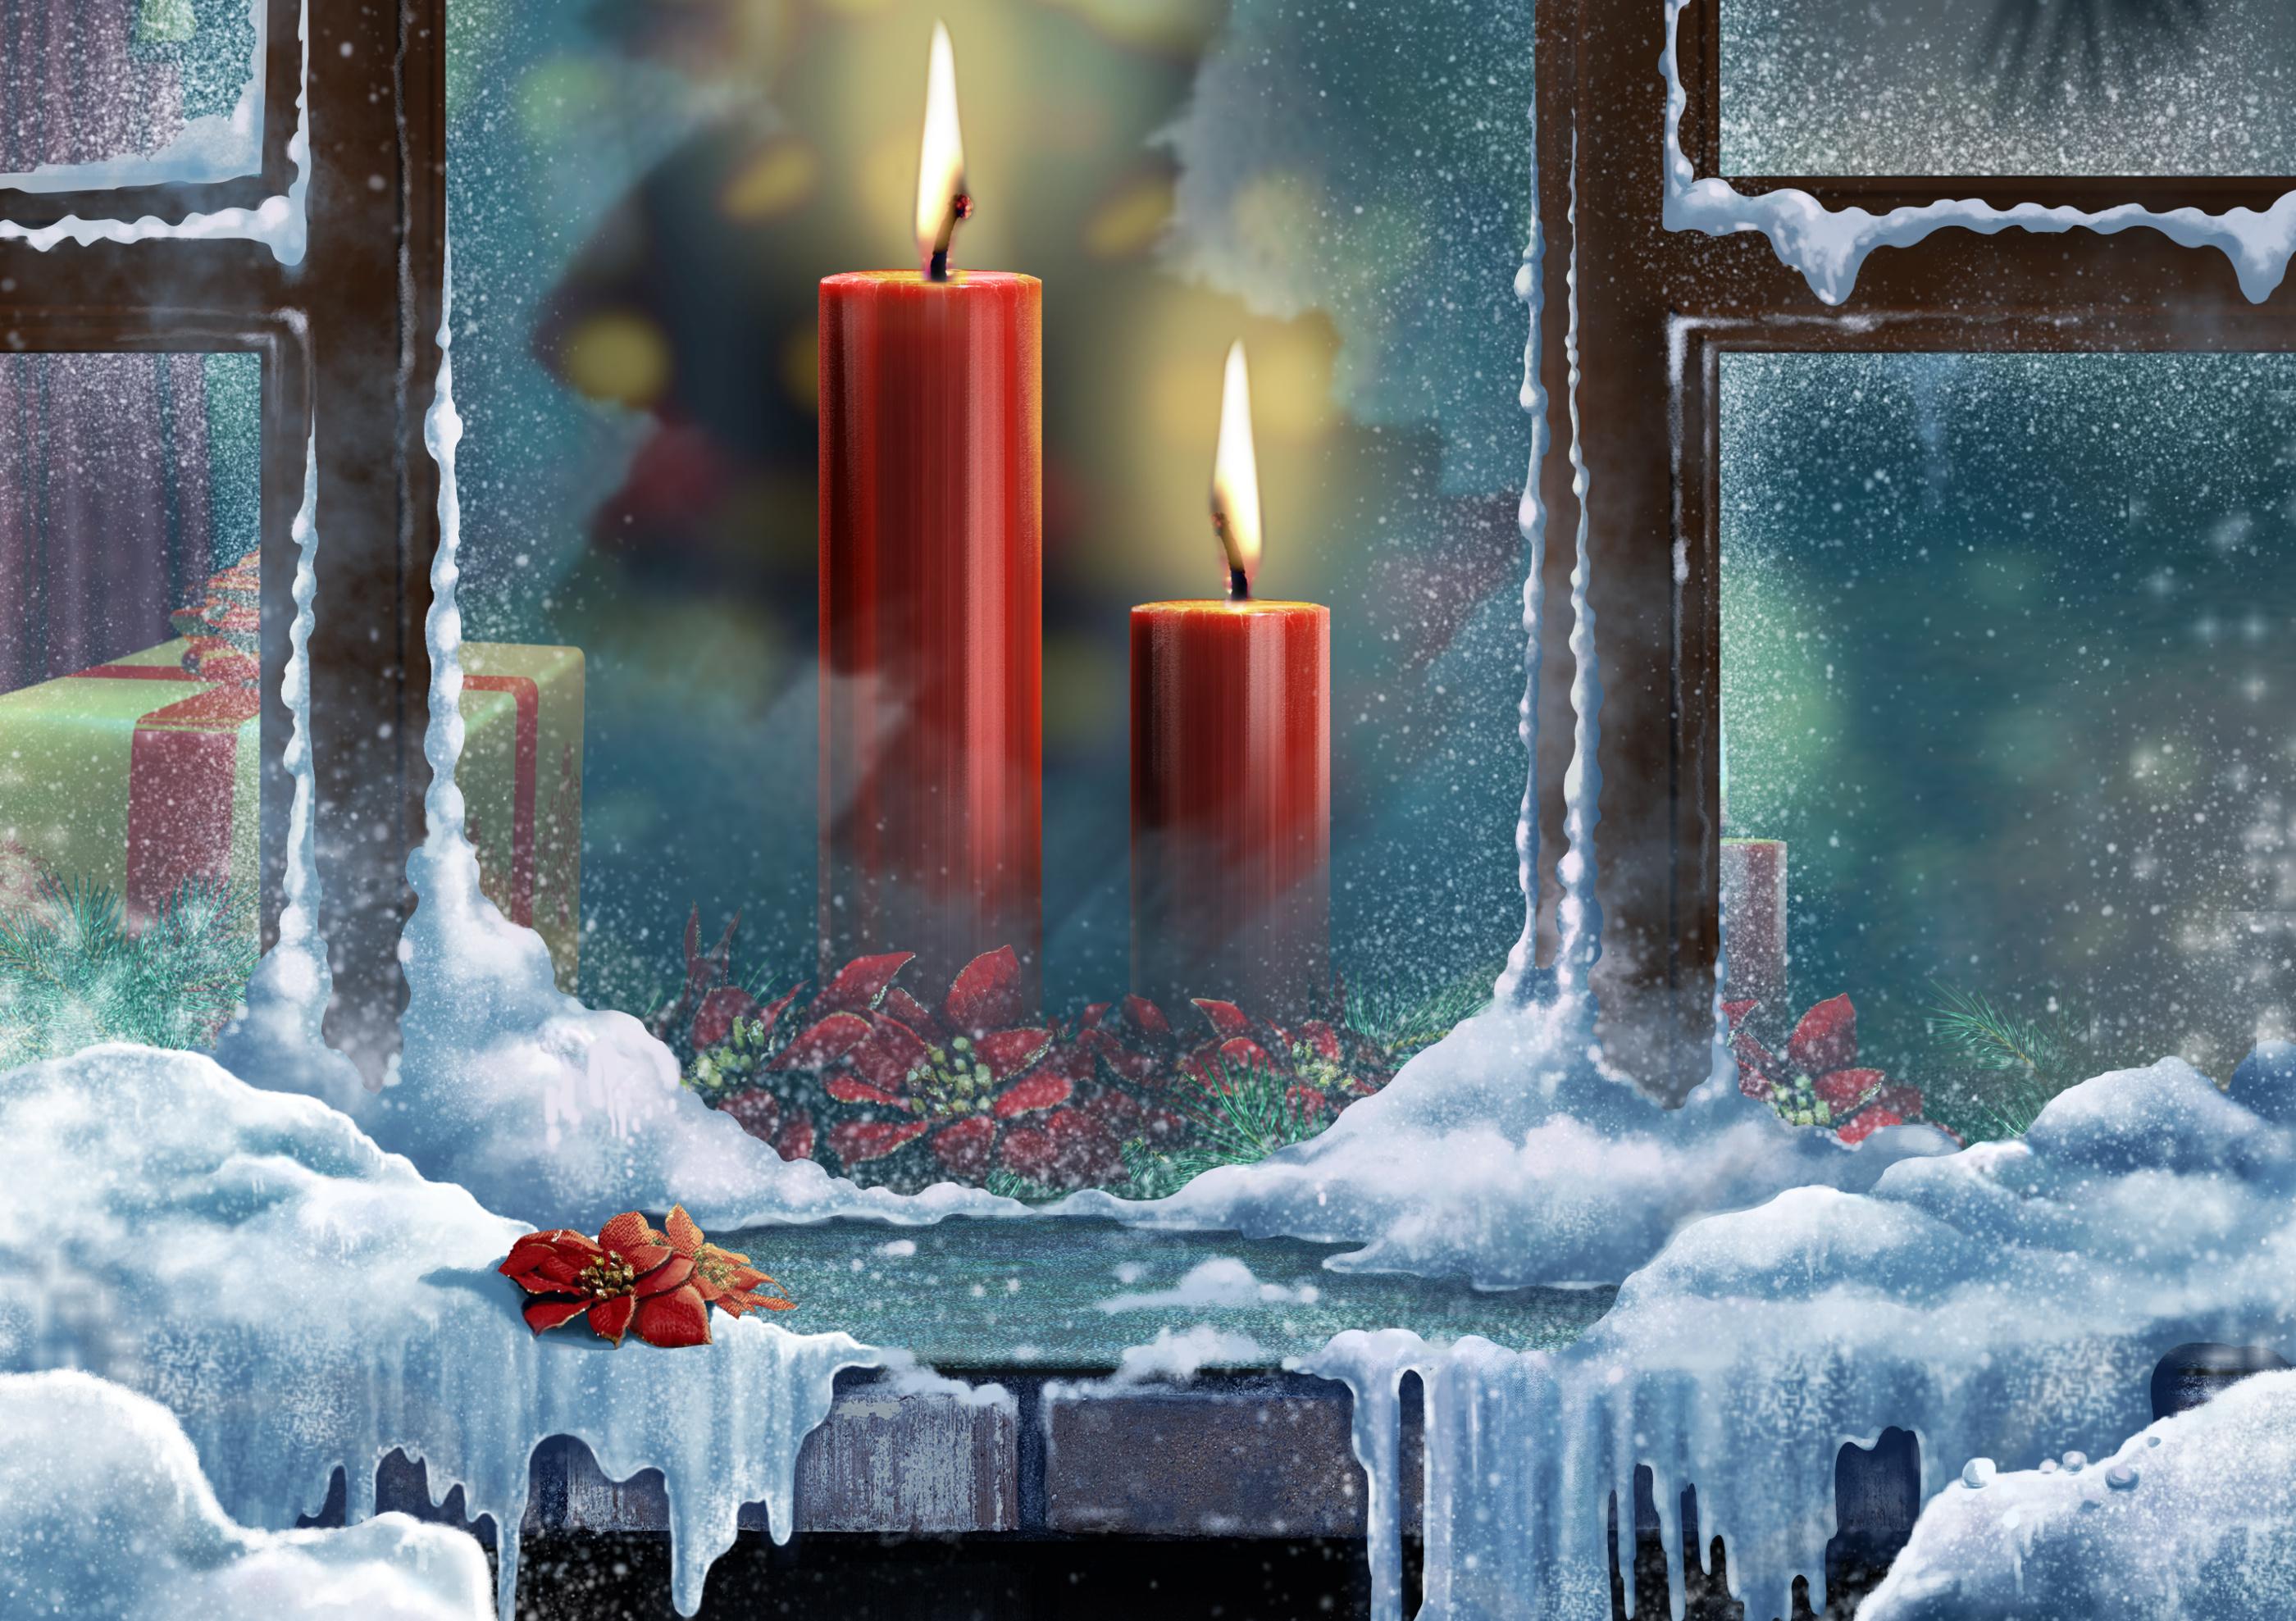 Внучке лет, зимнего вечера картинки